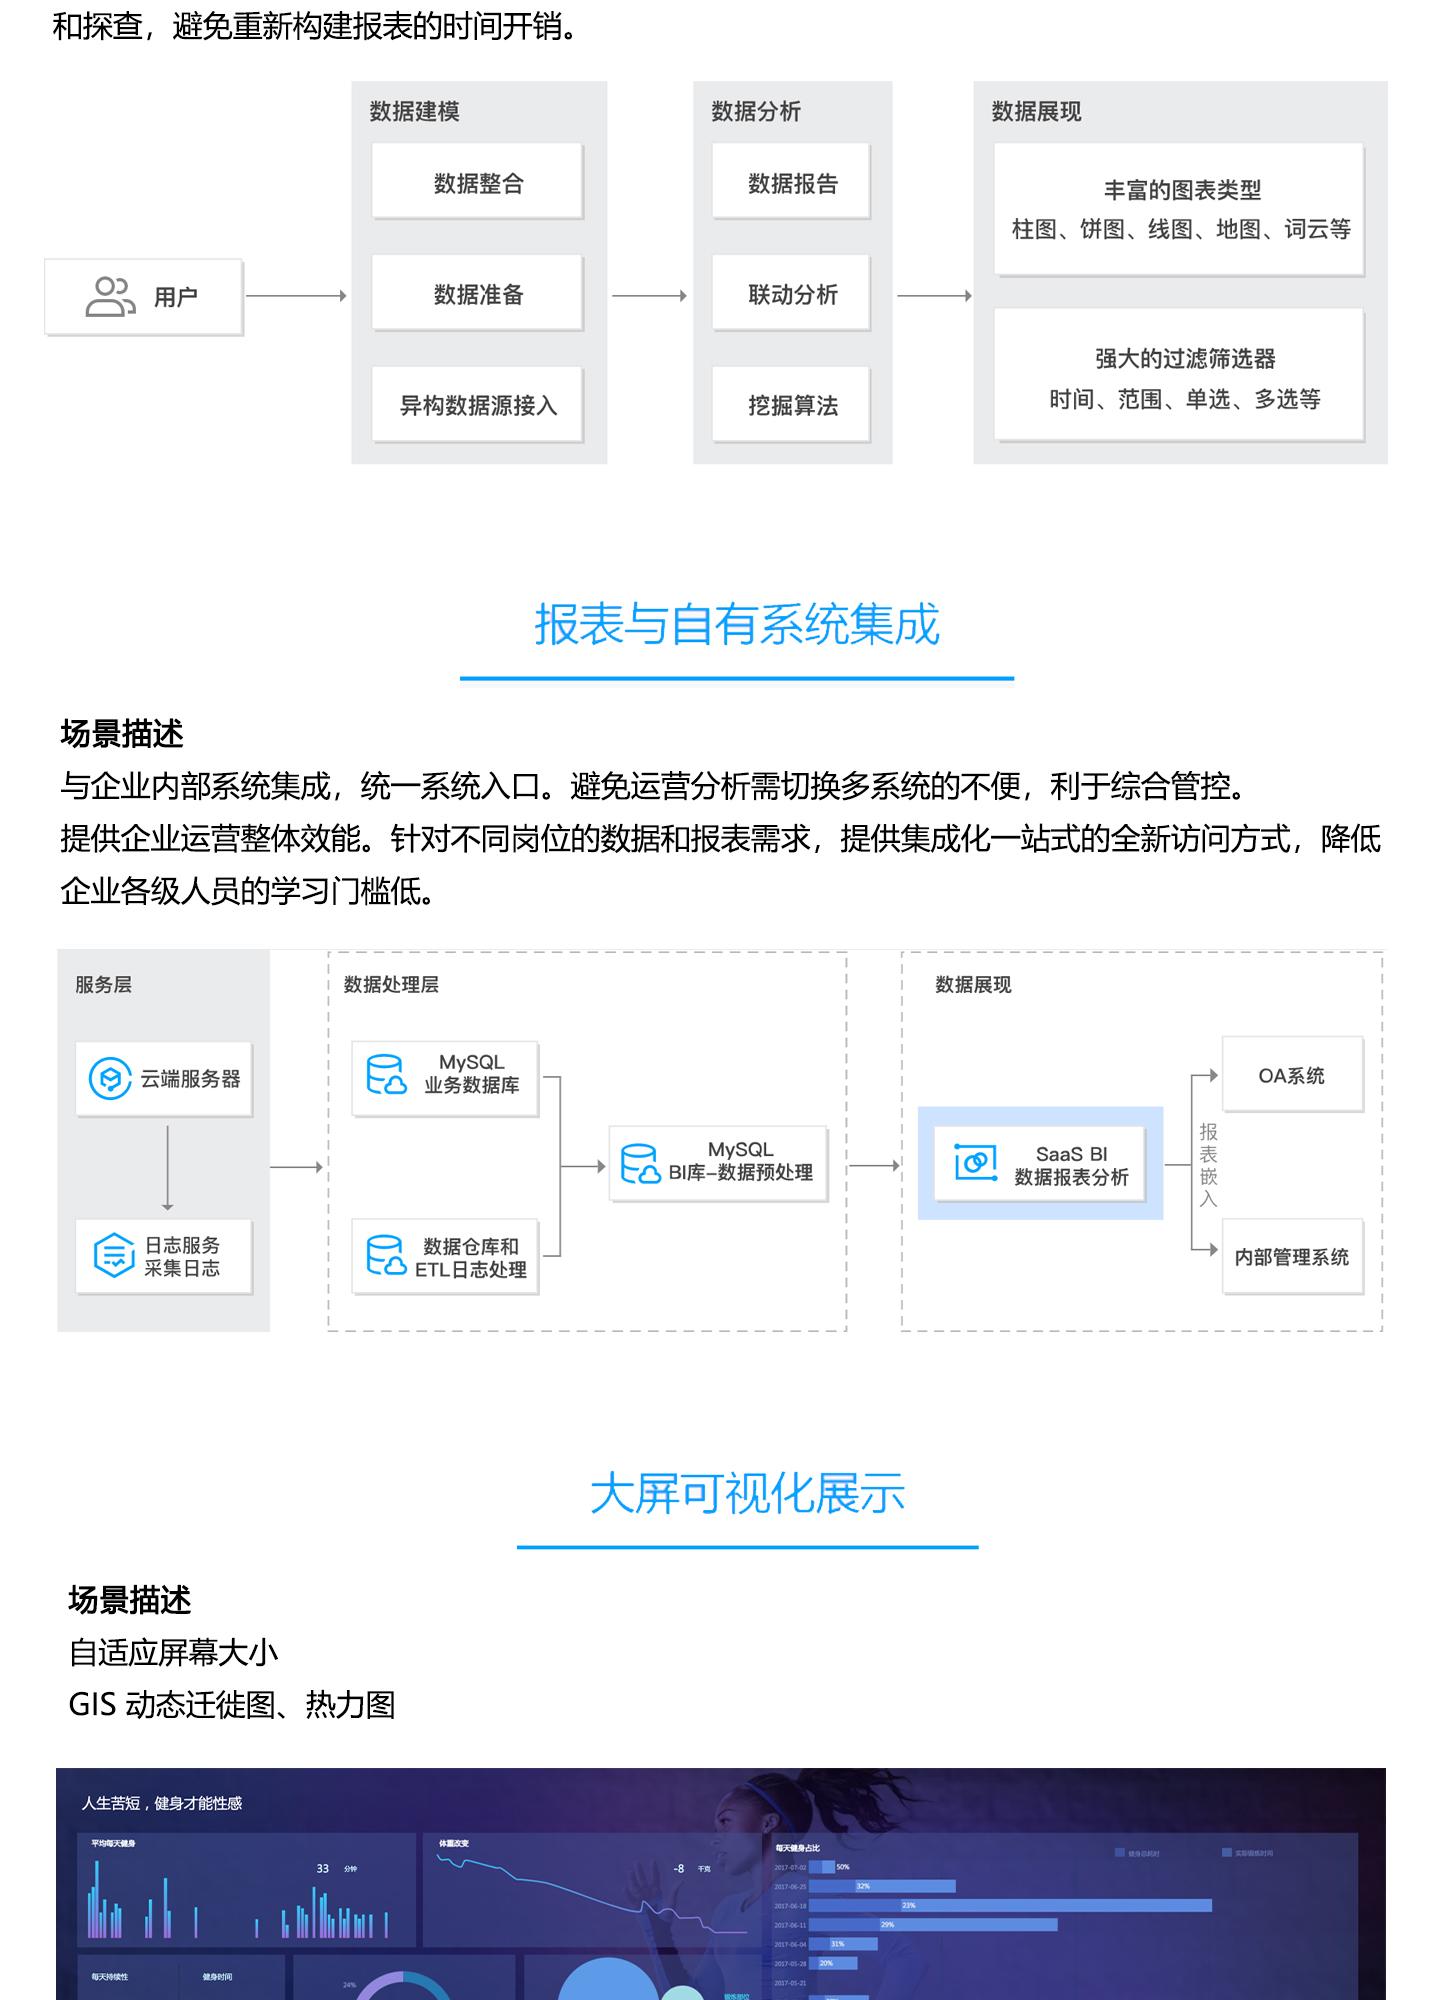 商业智能分析-BI1440_03.jpg